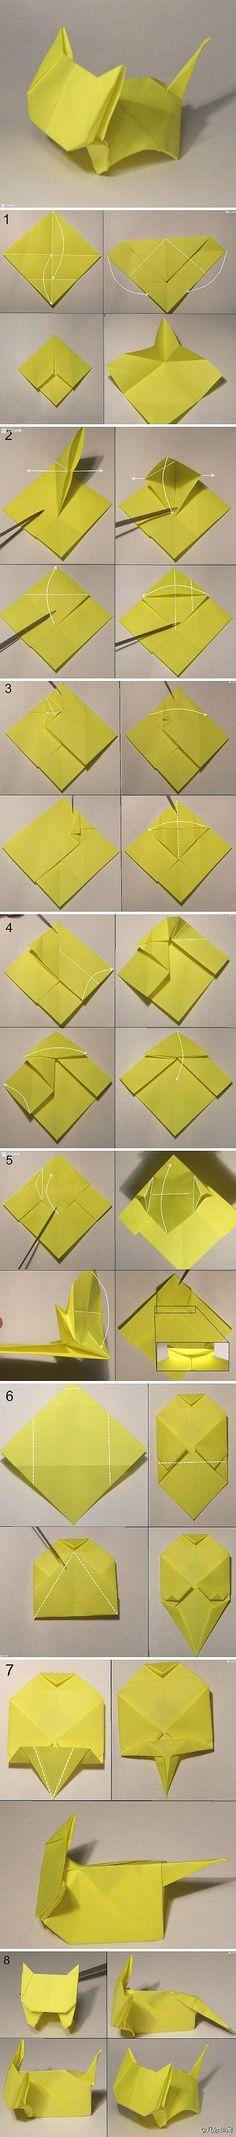 Origami Little Cute Cat: